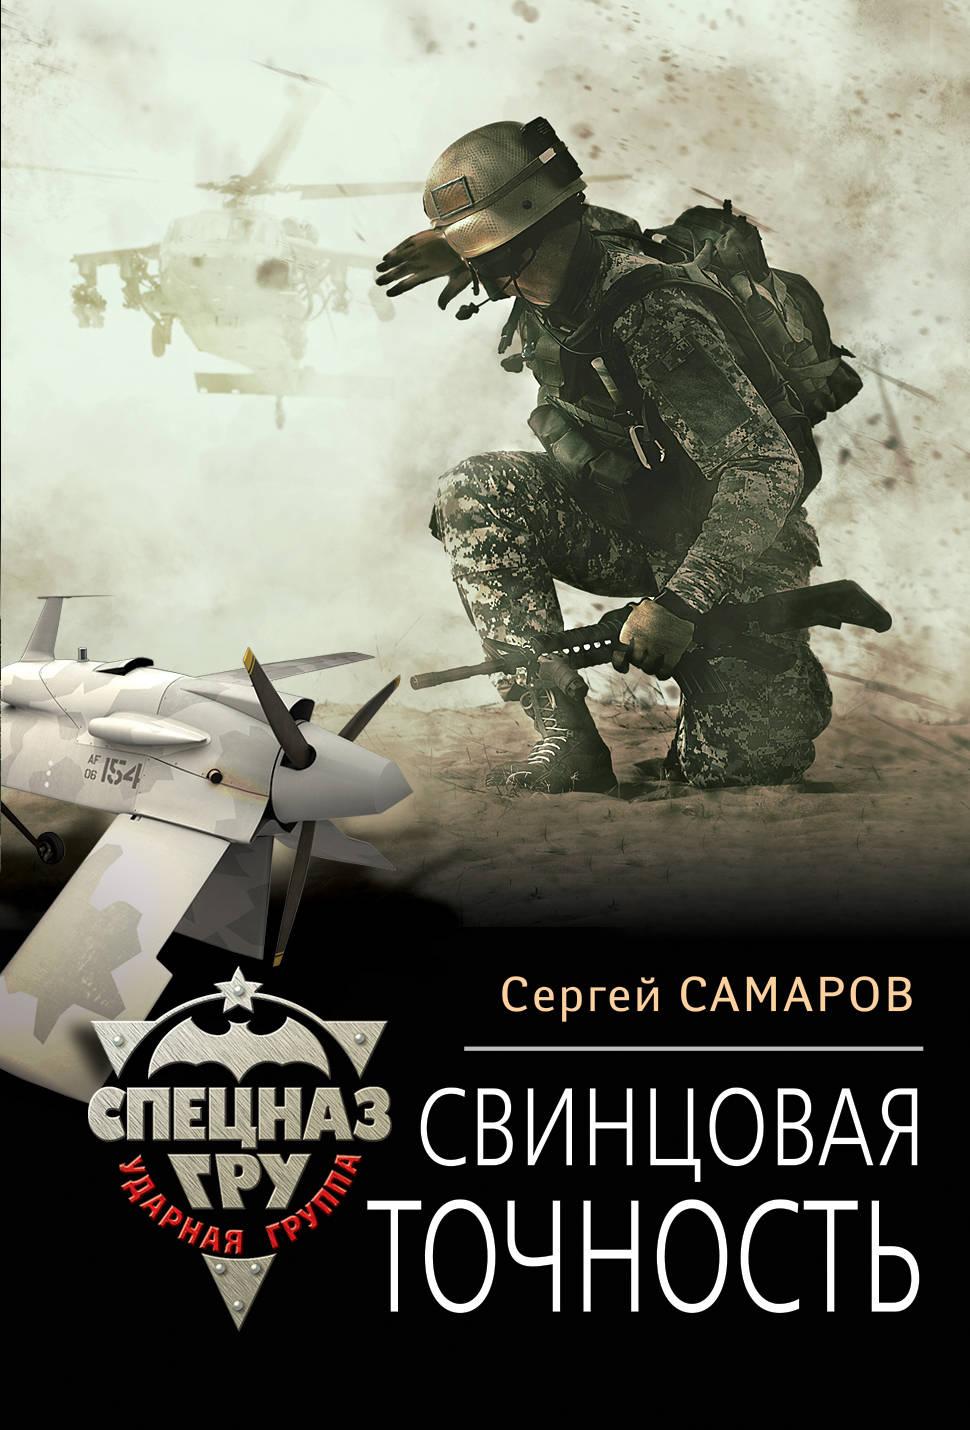 Самаров Сергей Васильевич Свинцовая точность